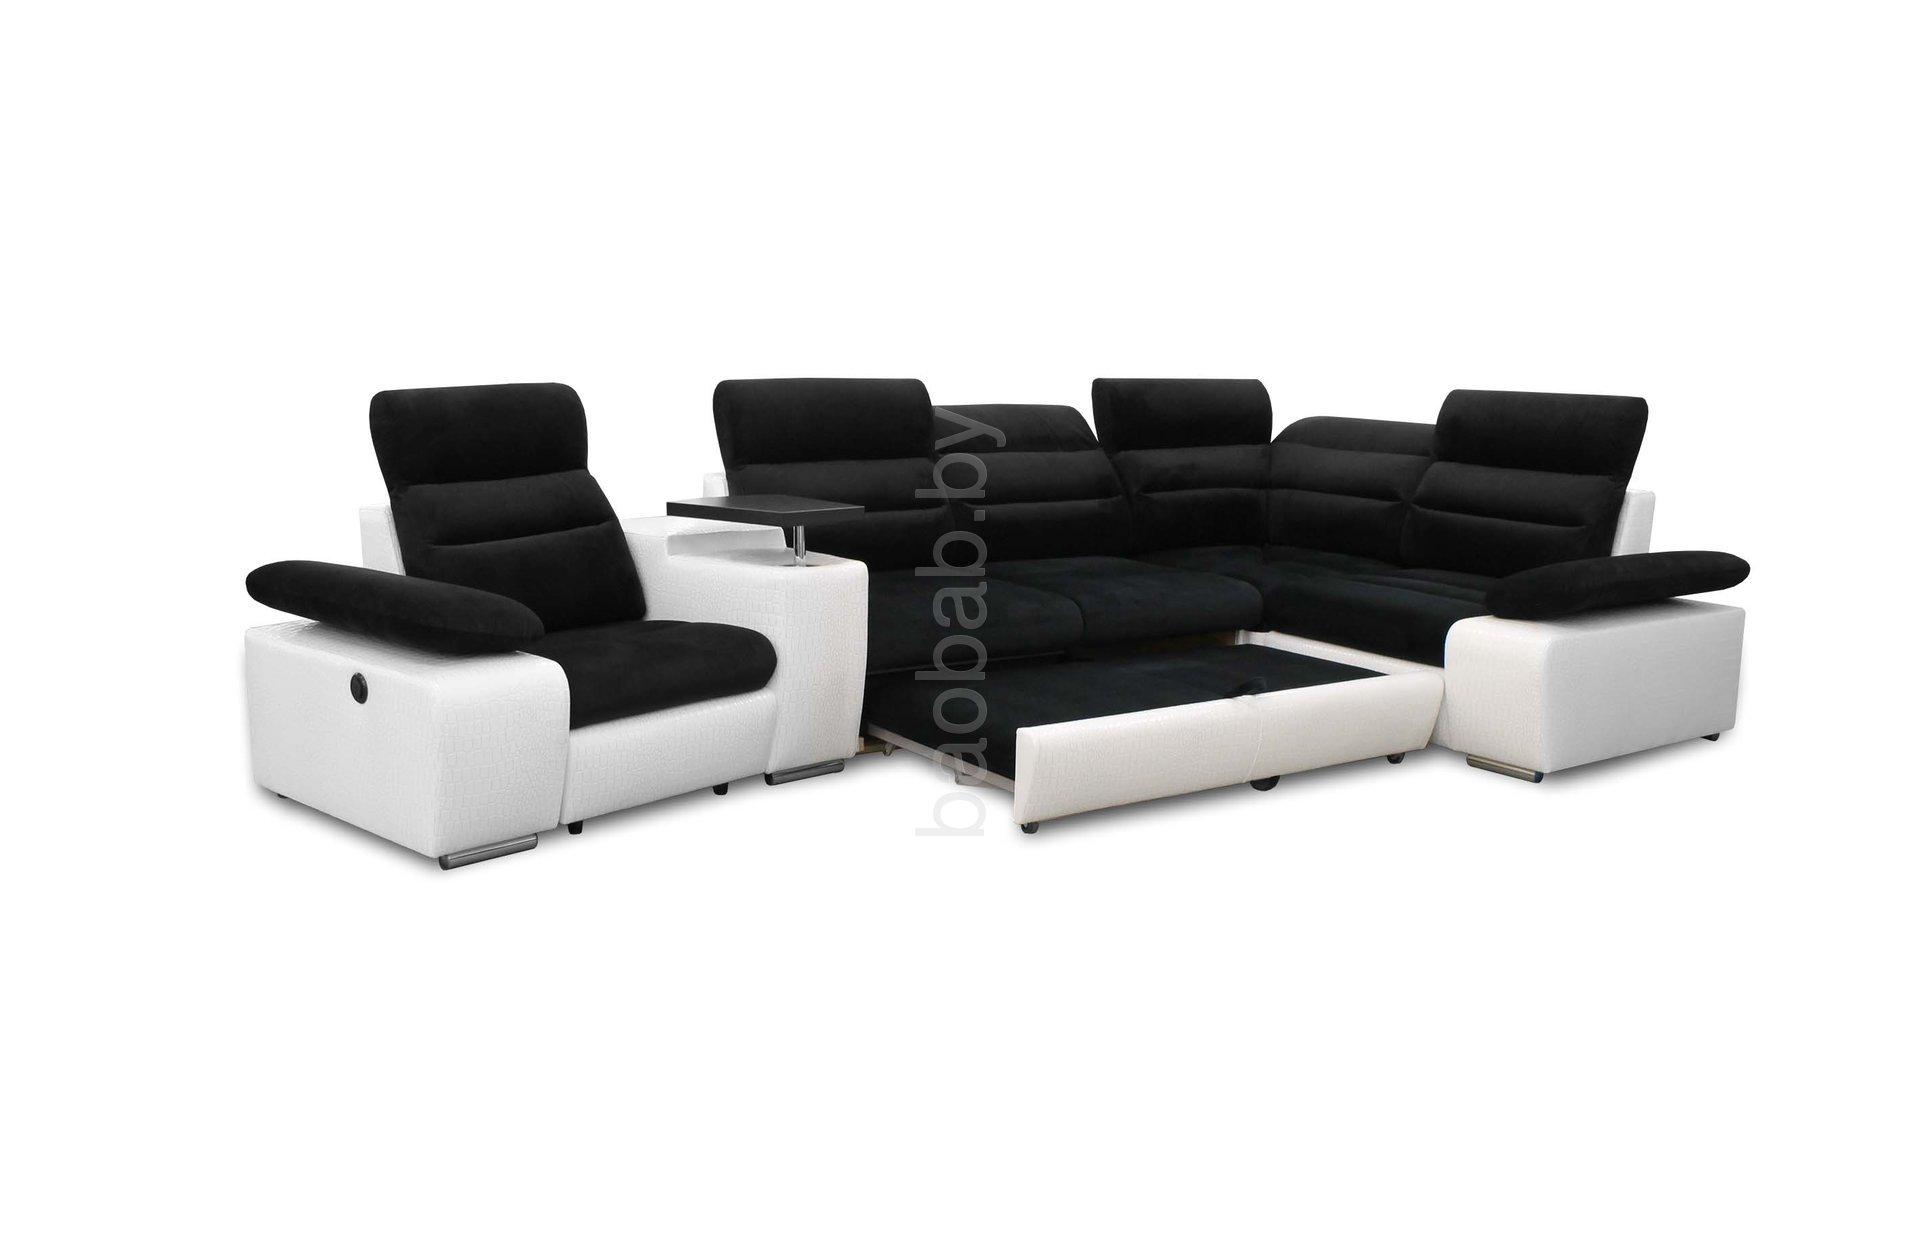 Фото модульных угловых диванов черного цвета первые годы